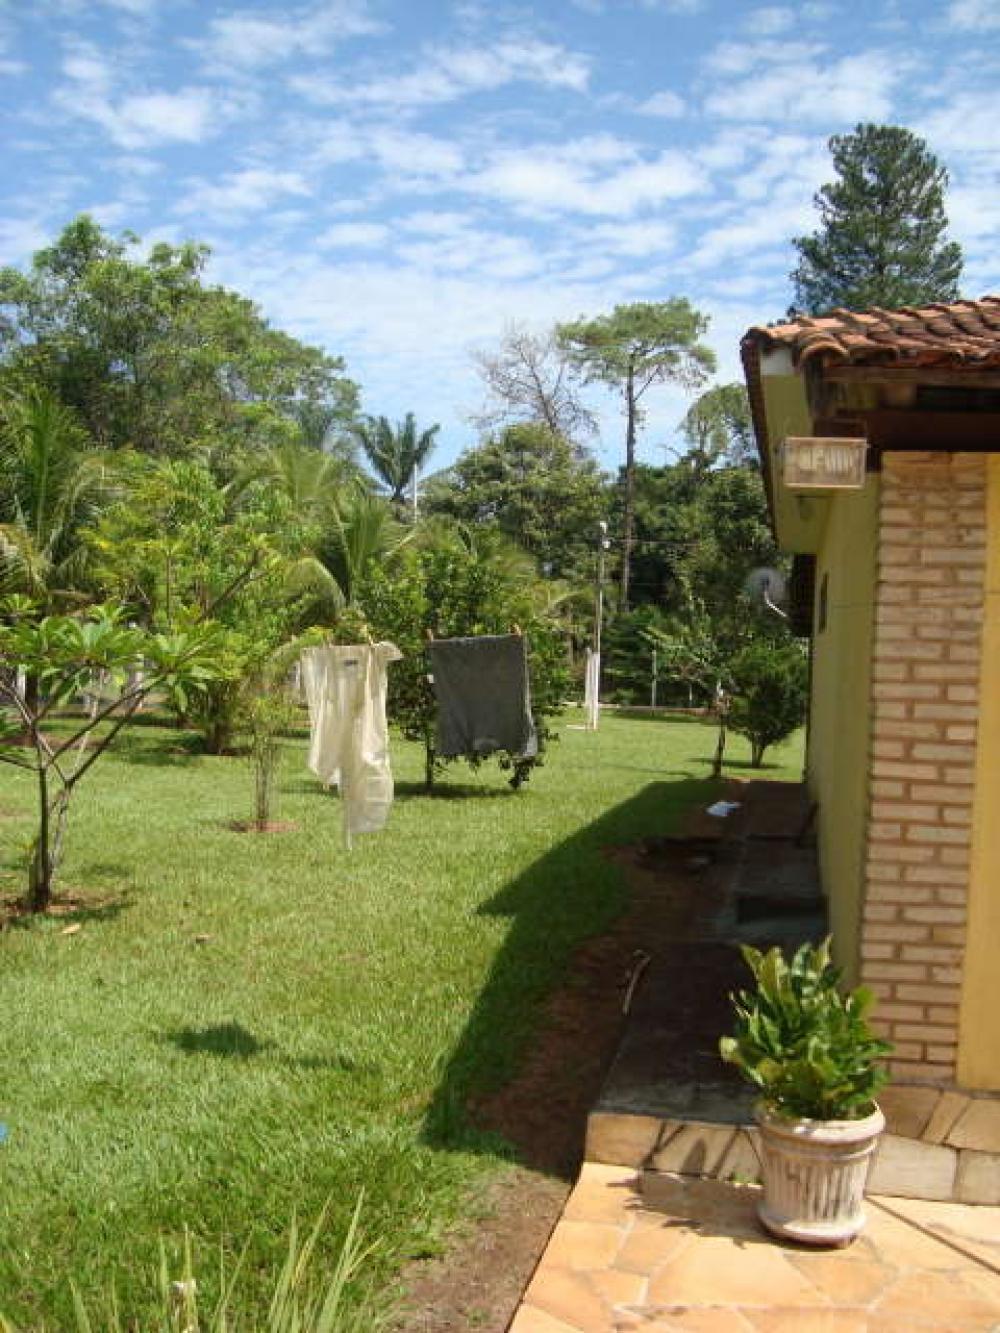 Comprar Rural / Chácara em São José do Rio Preto R$ 800.000,00 - Foto 6